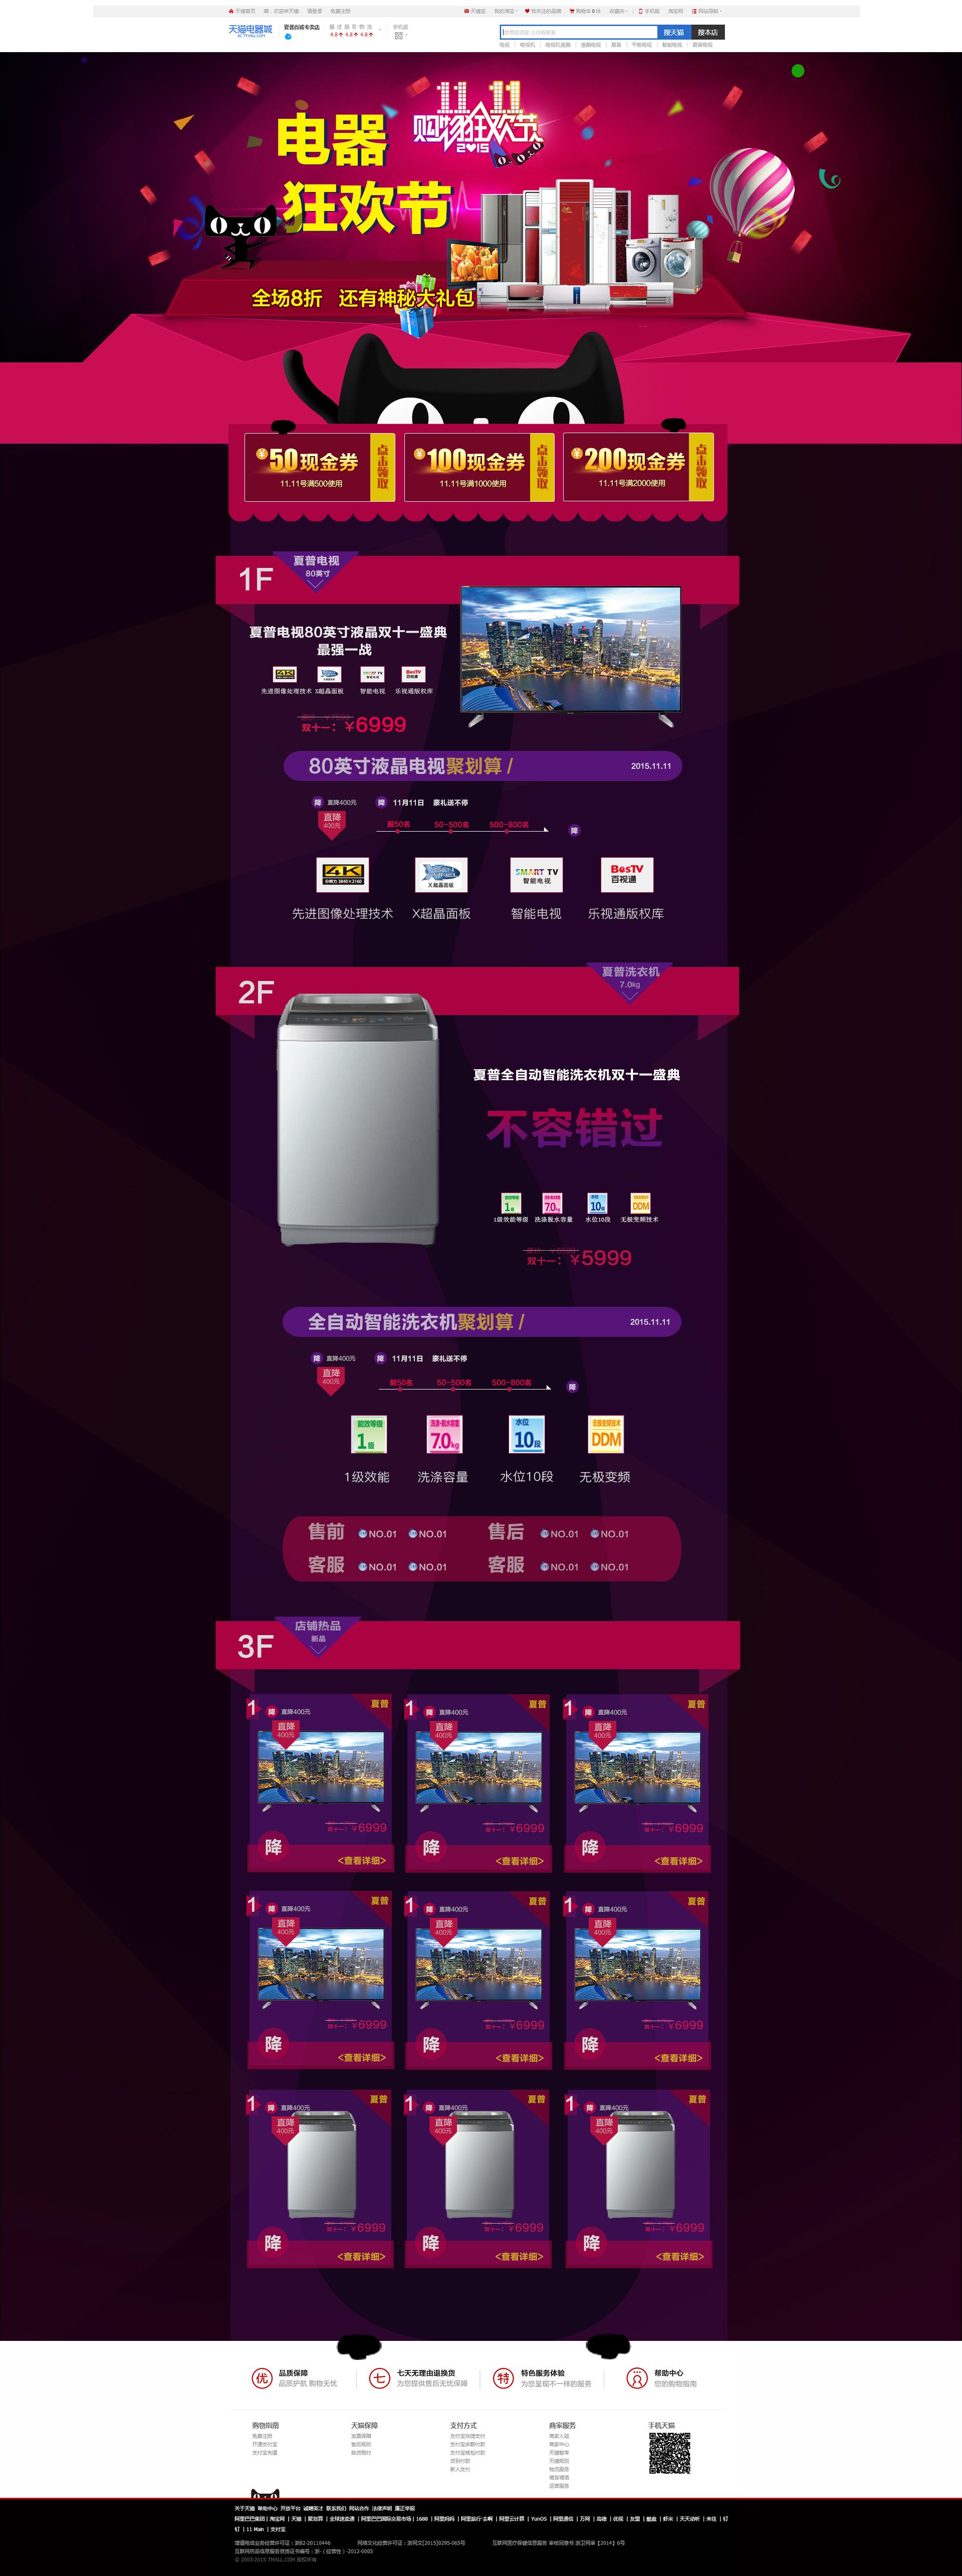 双十一电商设计|网页|电商|shilon - 原创作品 - 站酷